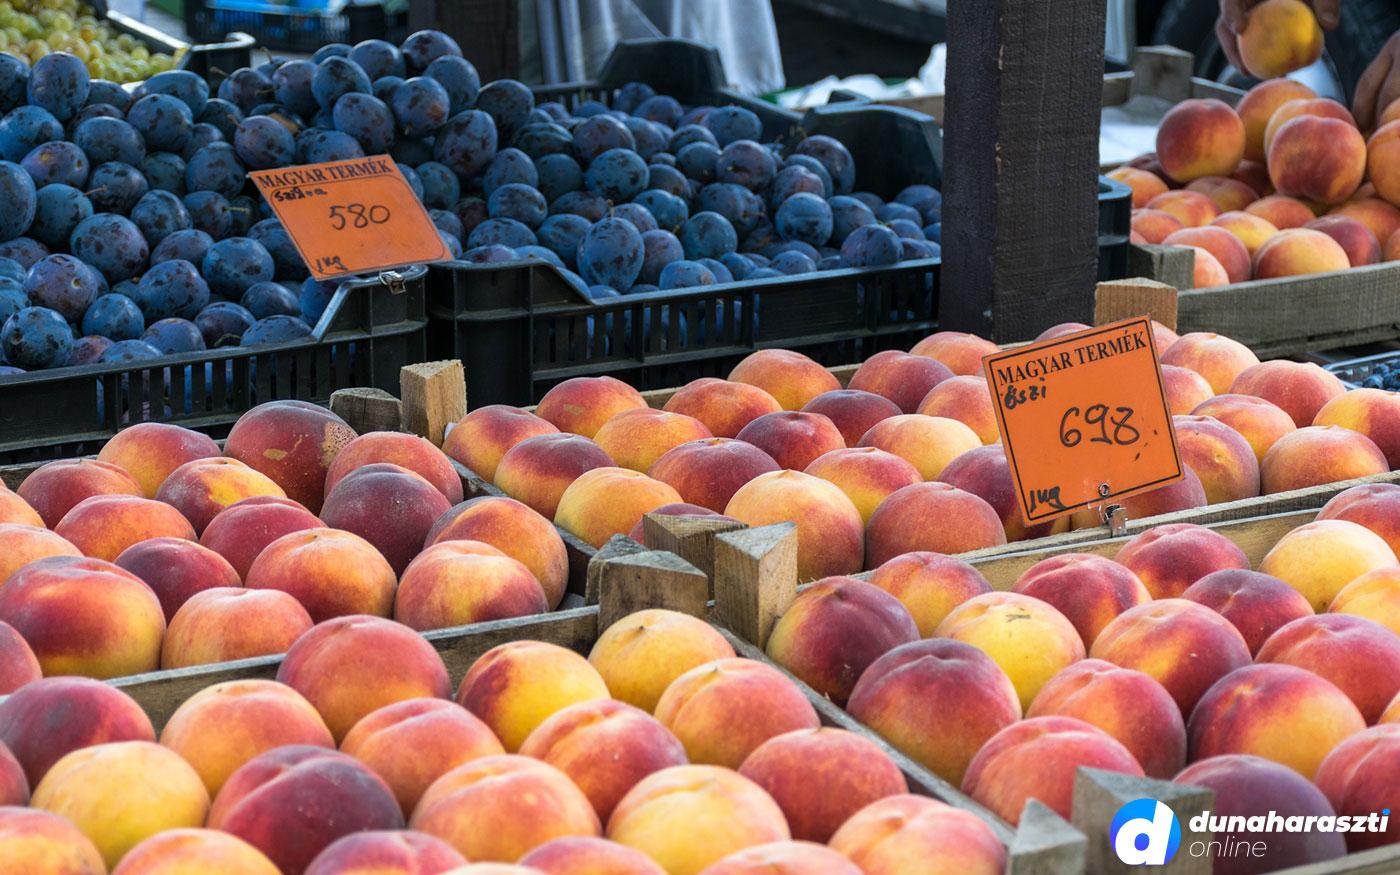 Késő nyári hangulatú piac Dunaharasztin